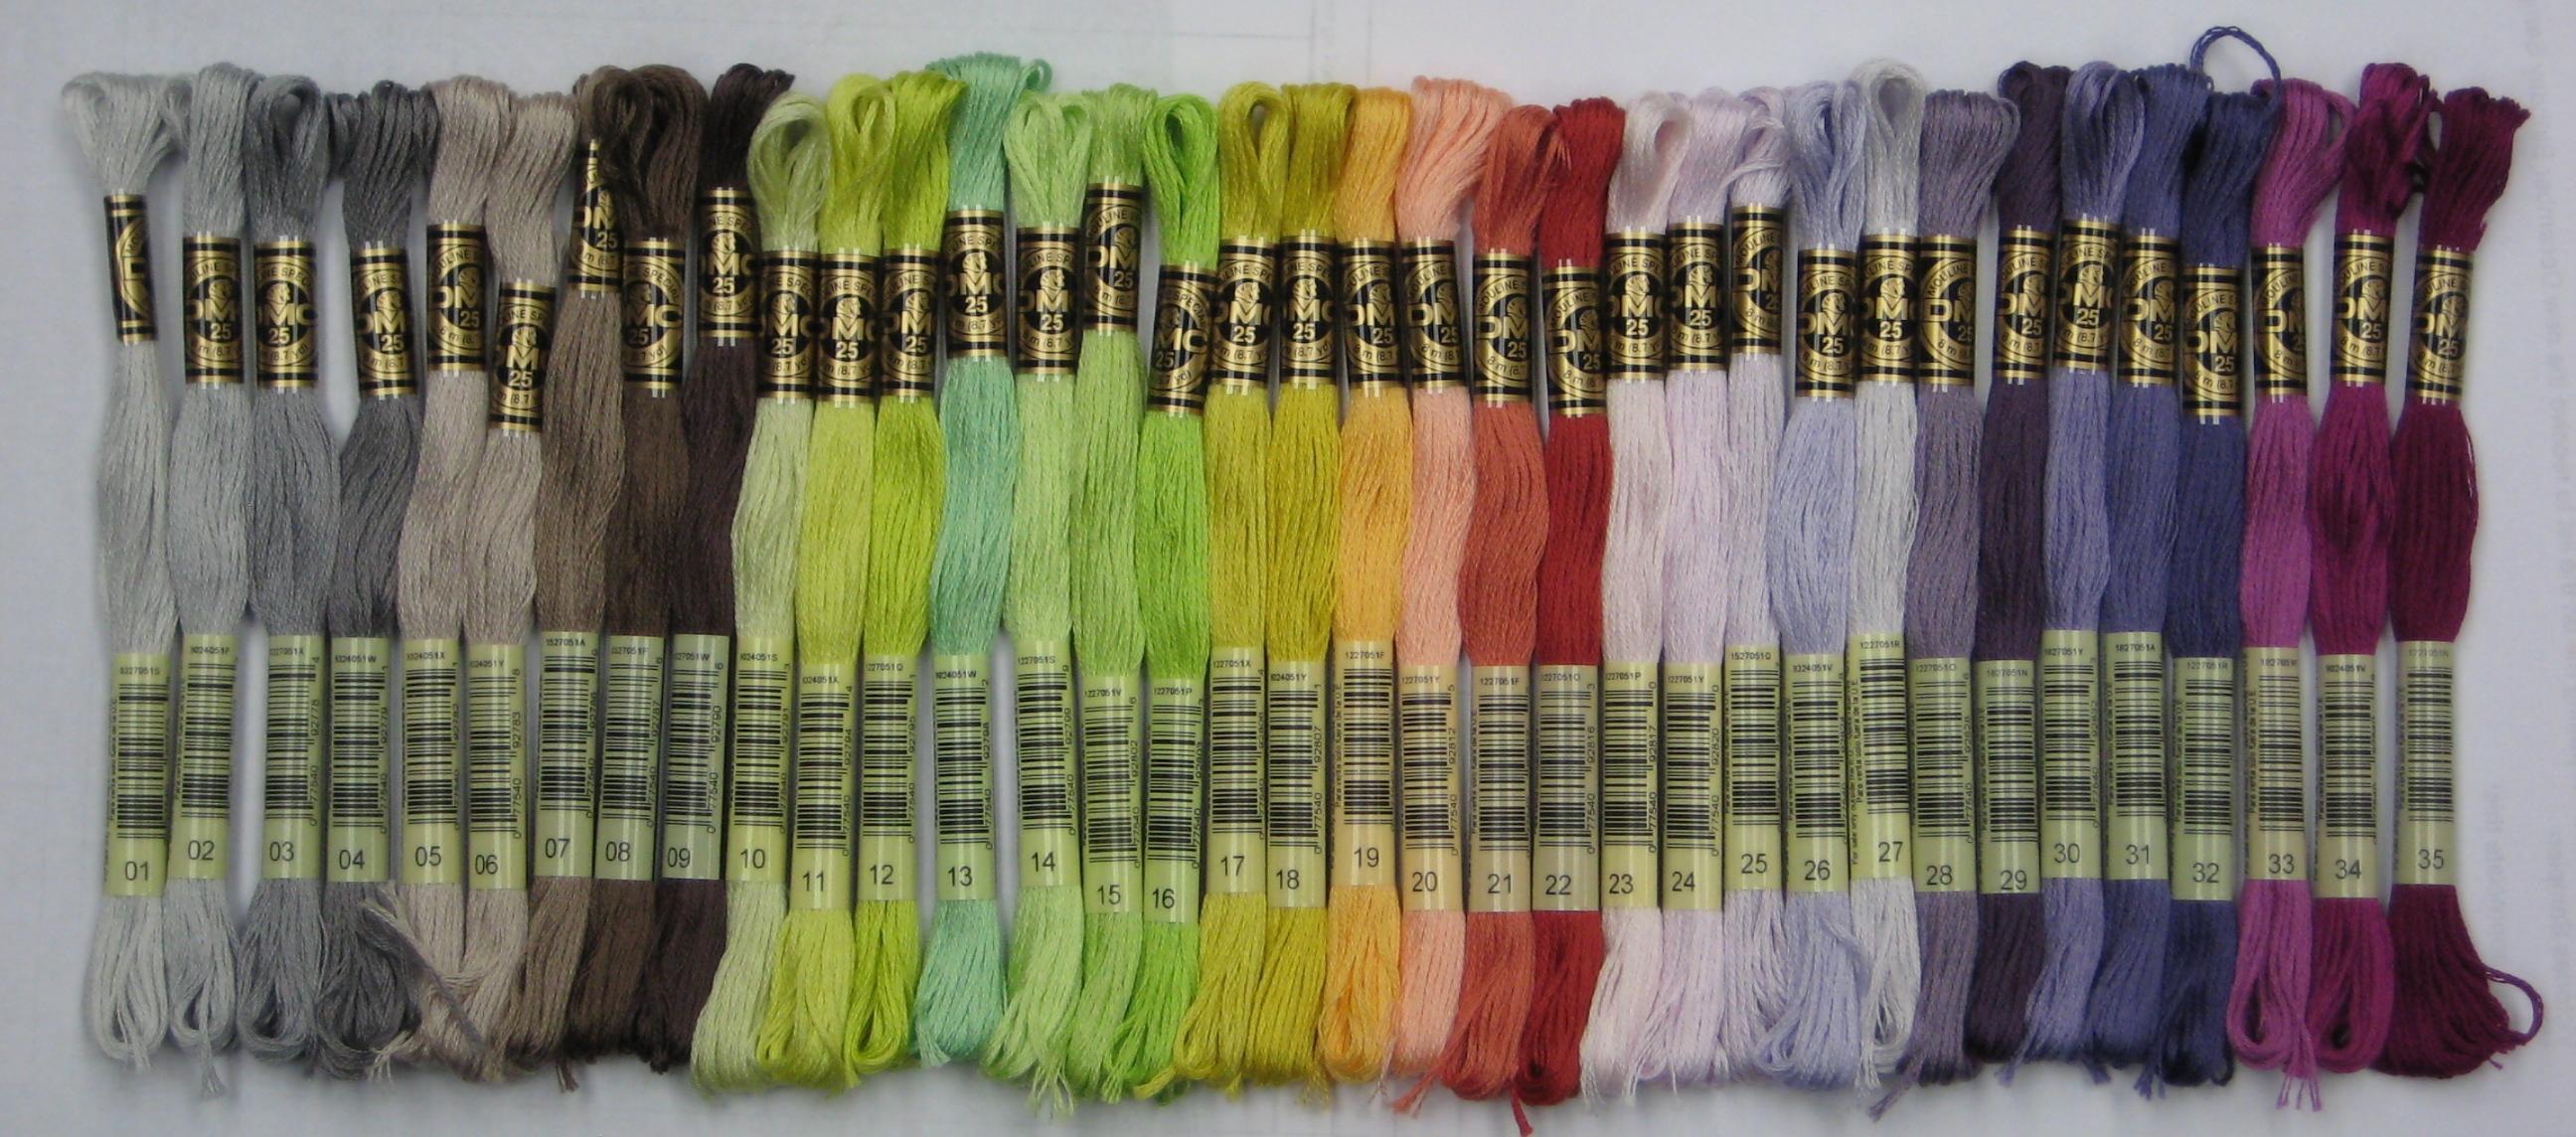 Stitching Shop —